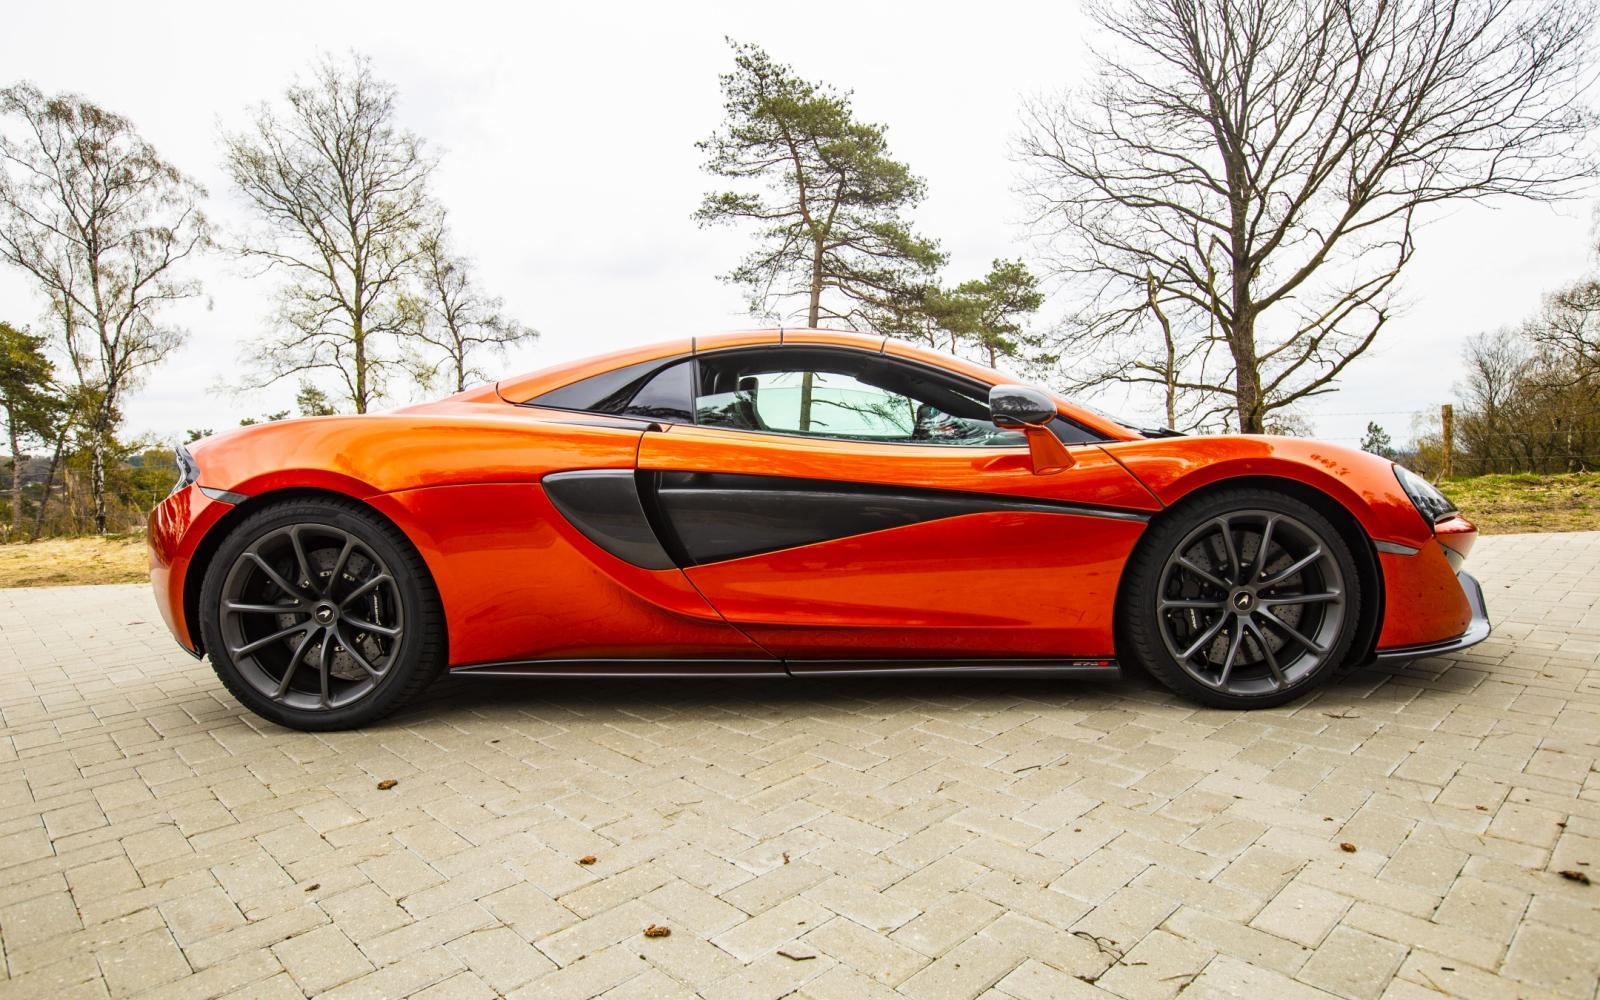 De McLaren 570S Spider is onweerstaanbaar